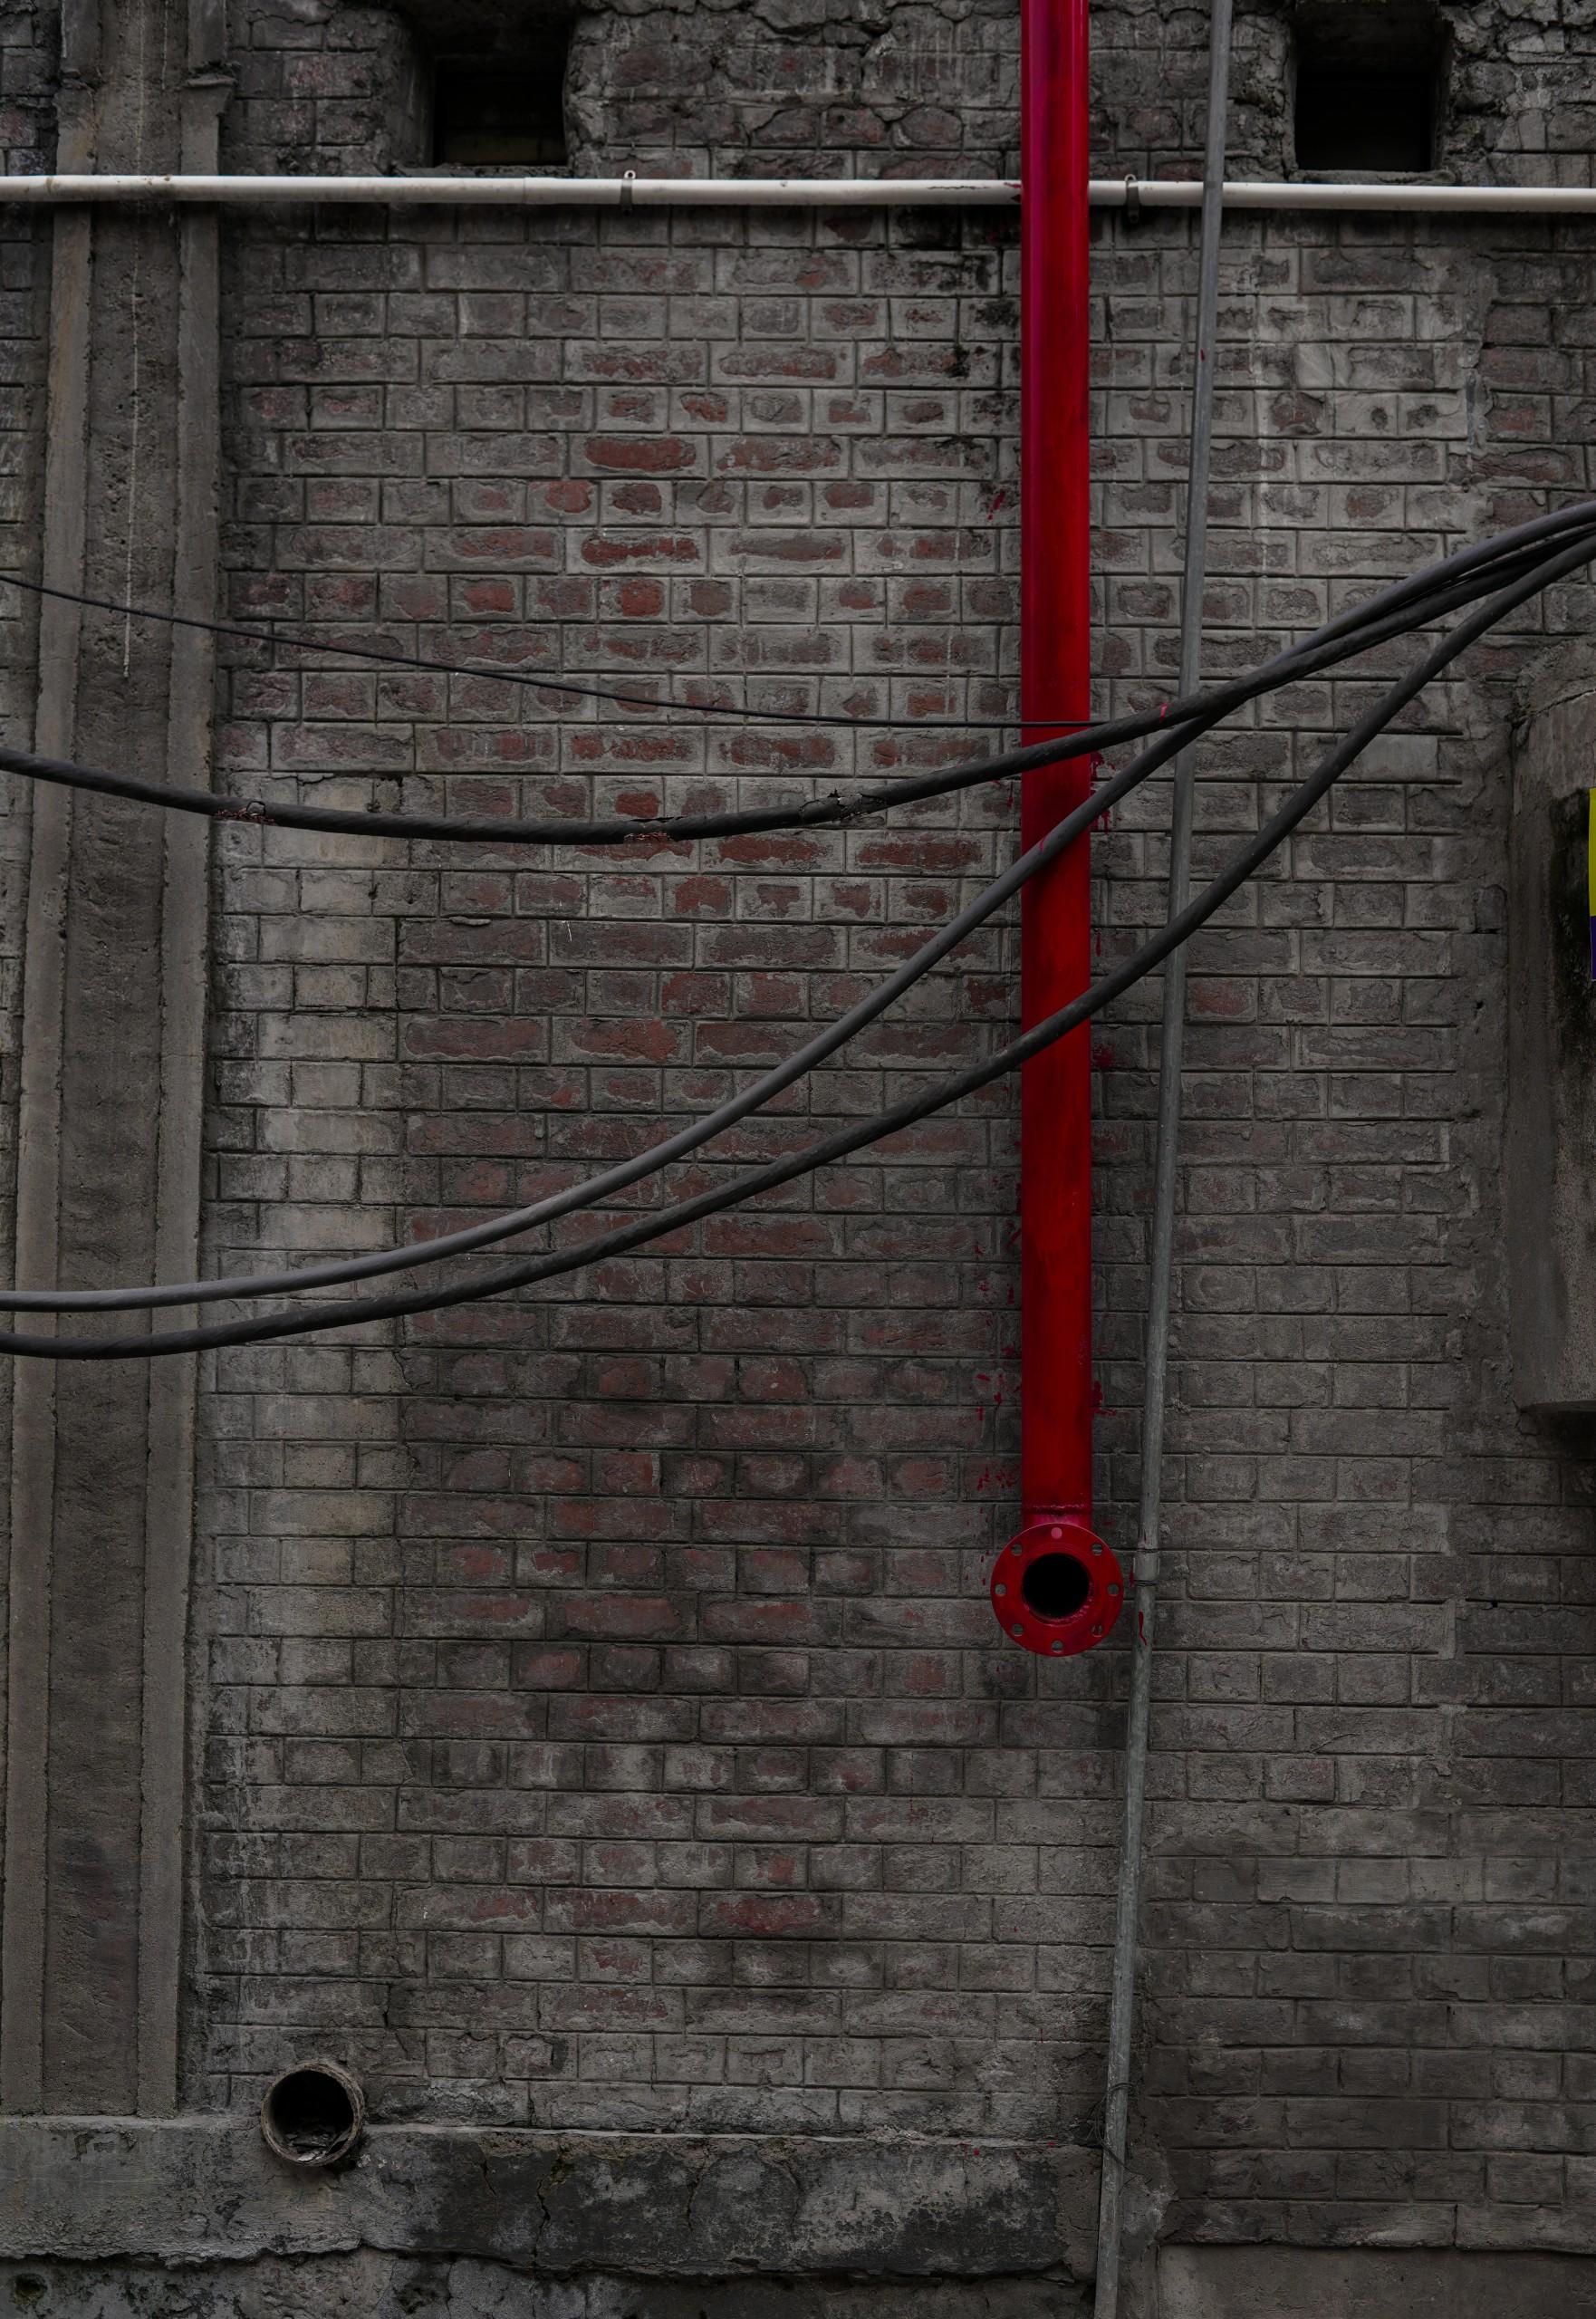 Bricks Street Wall